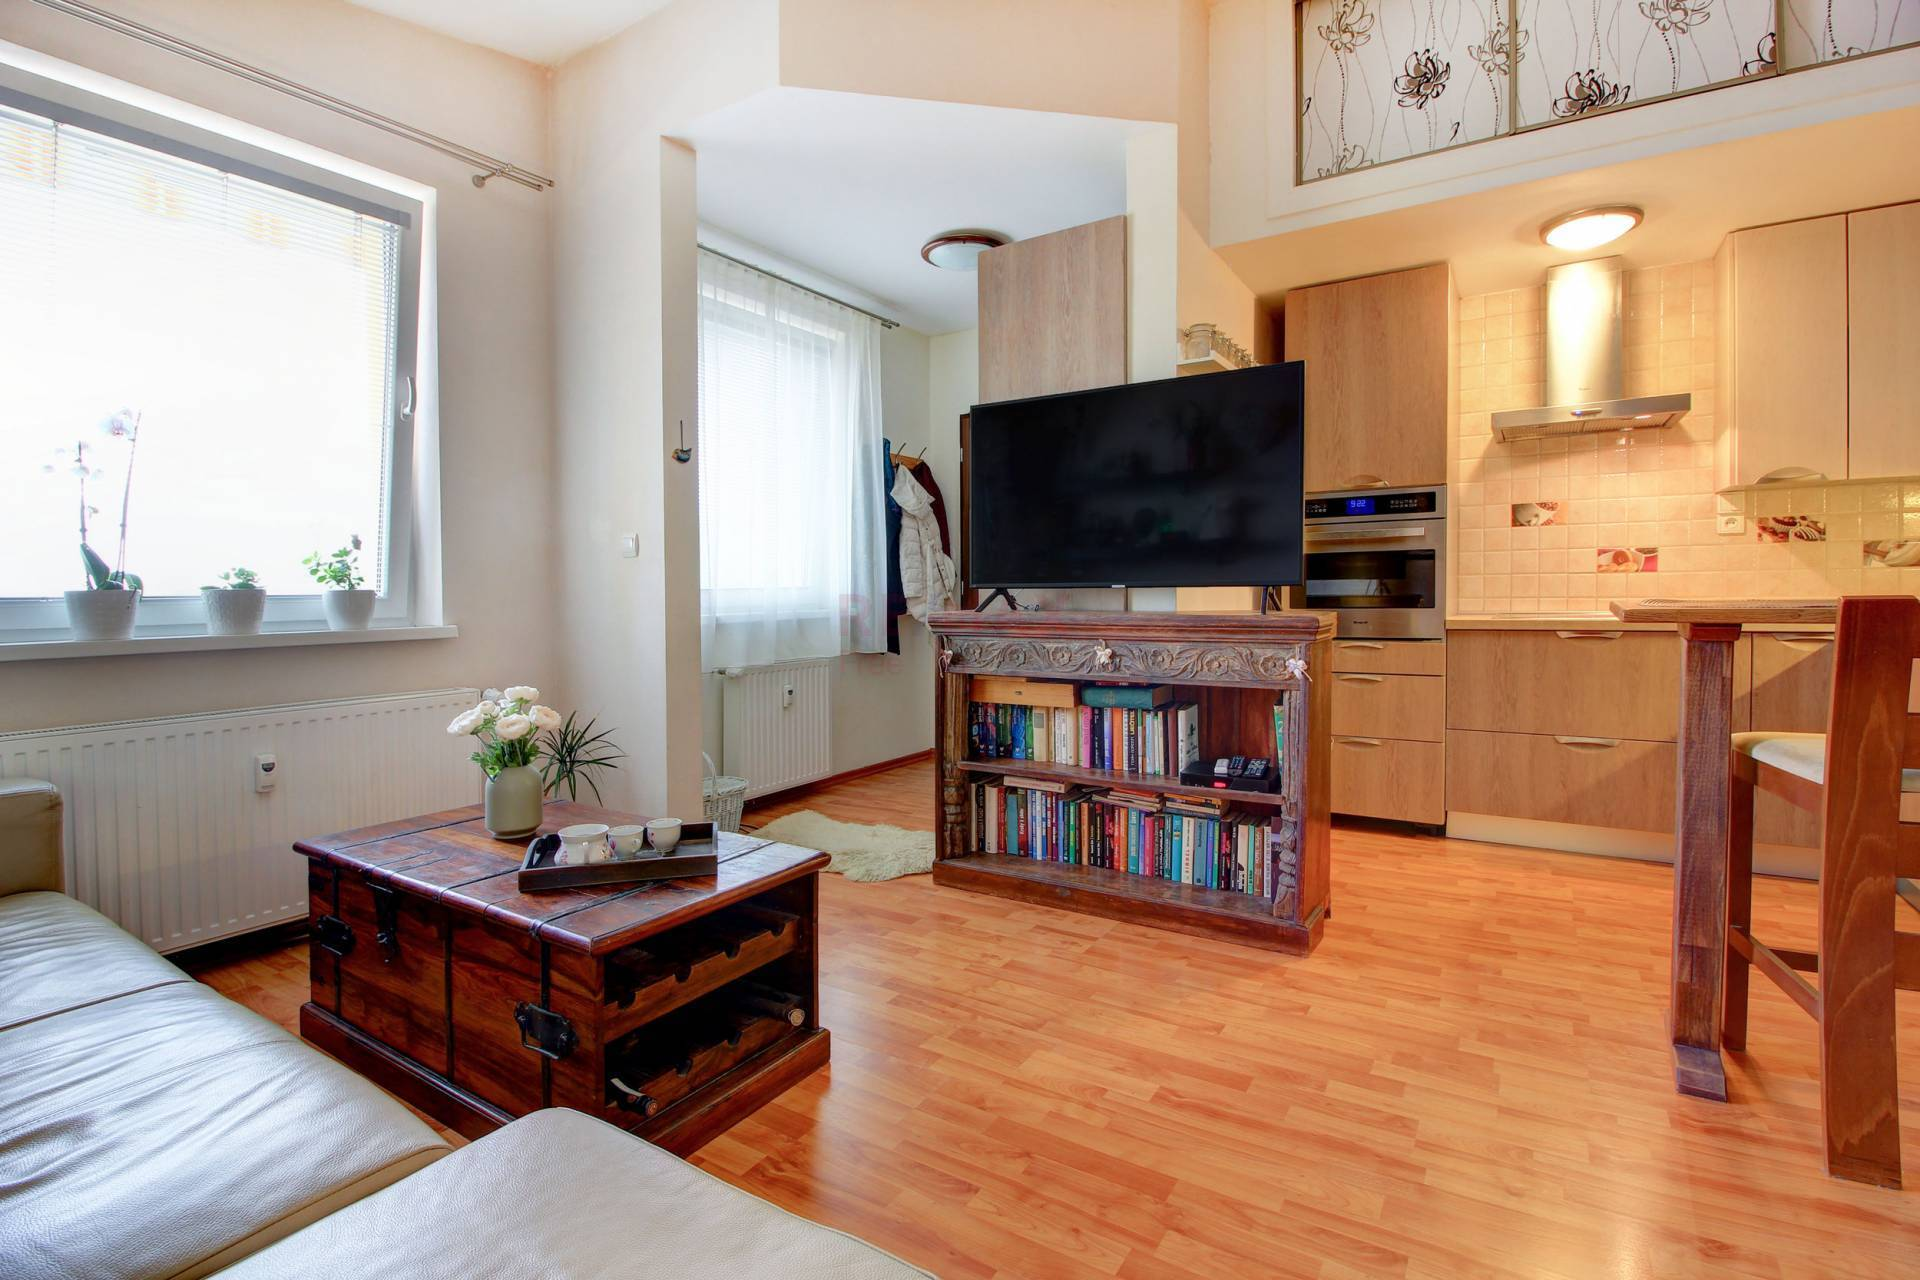 Predaj bytu (1 izbový) 39 m2, Dunajská Lužná - Na predaj: 1 izbový byt s parkovaním 39m2 v Dunajskej Lužnej